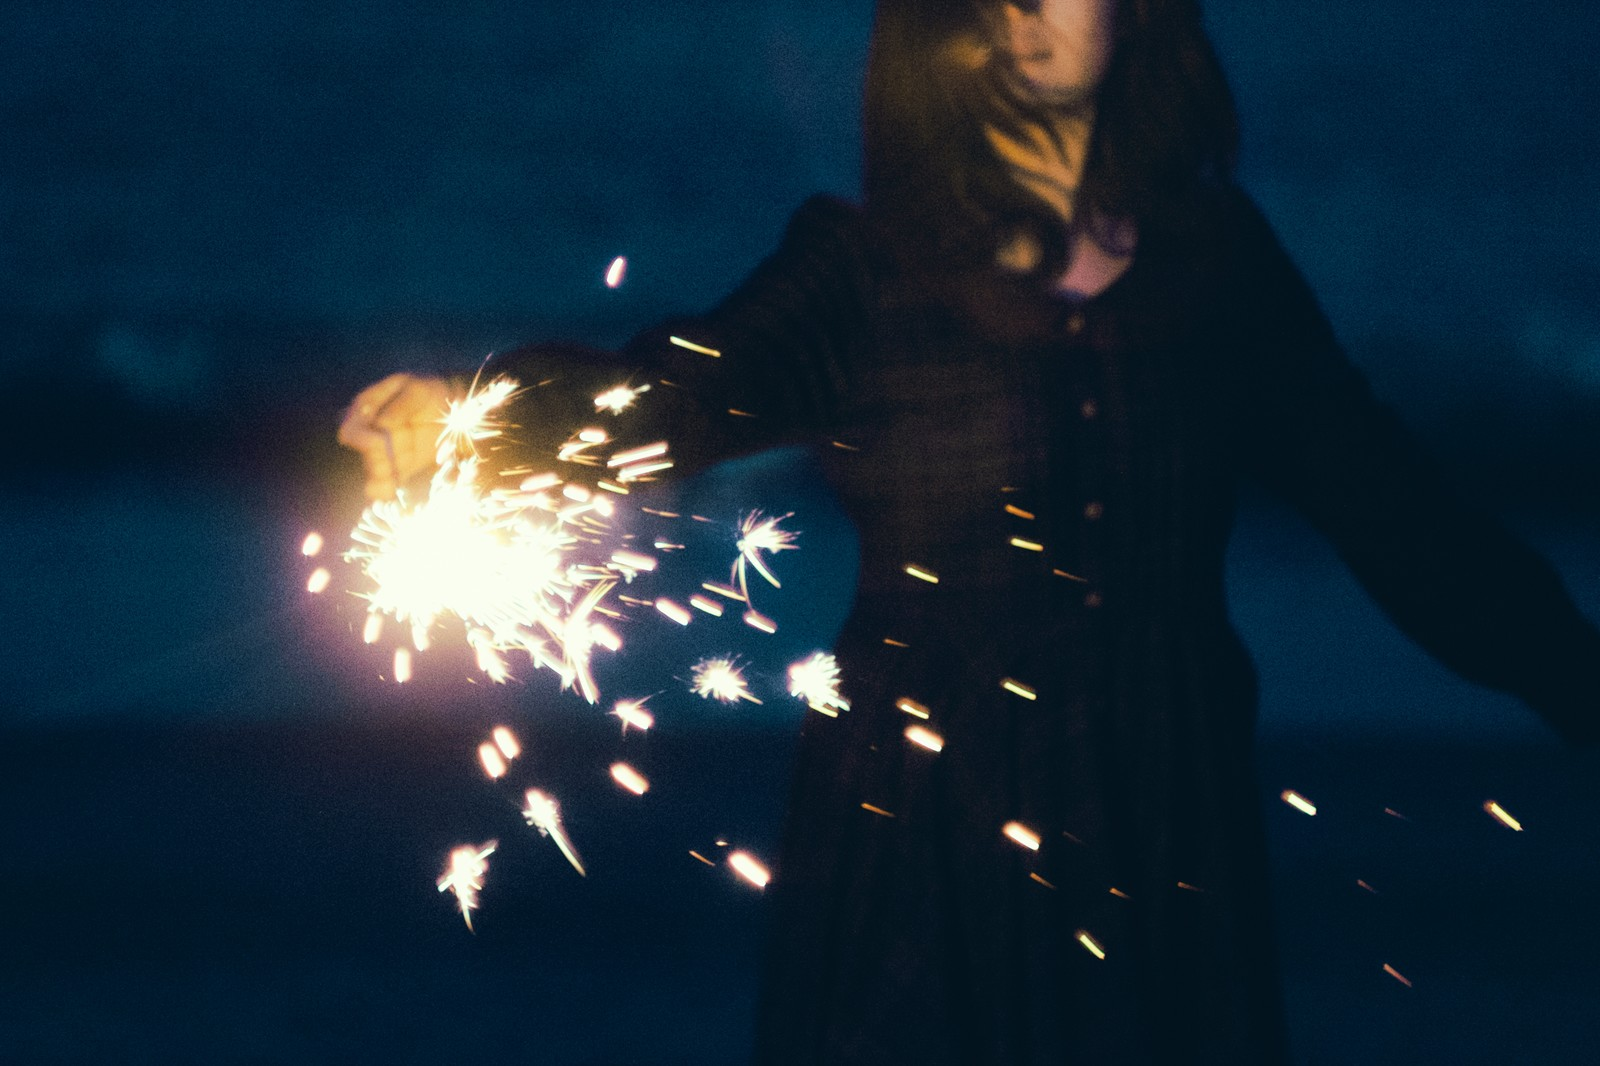 「手持ち花火が散る」の写真